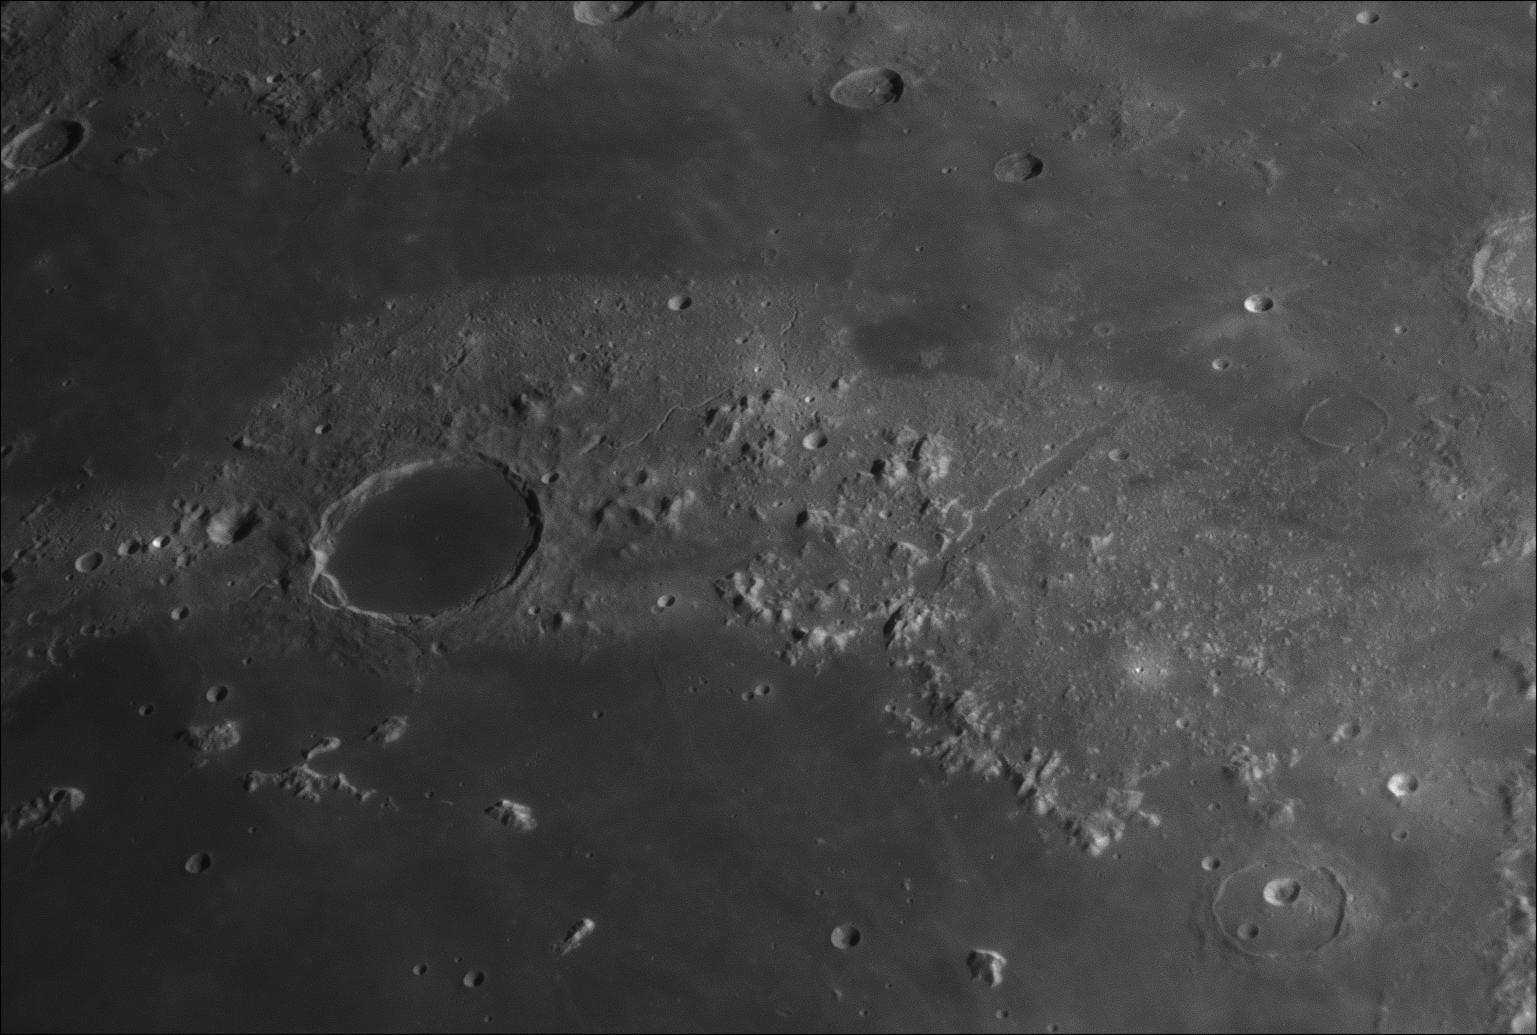 Gros plans lunaires 122643-1550683847